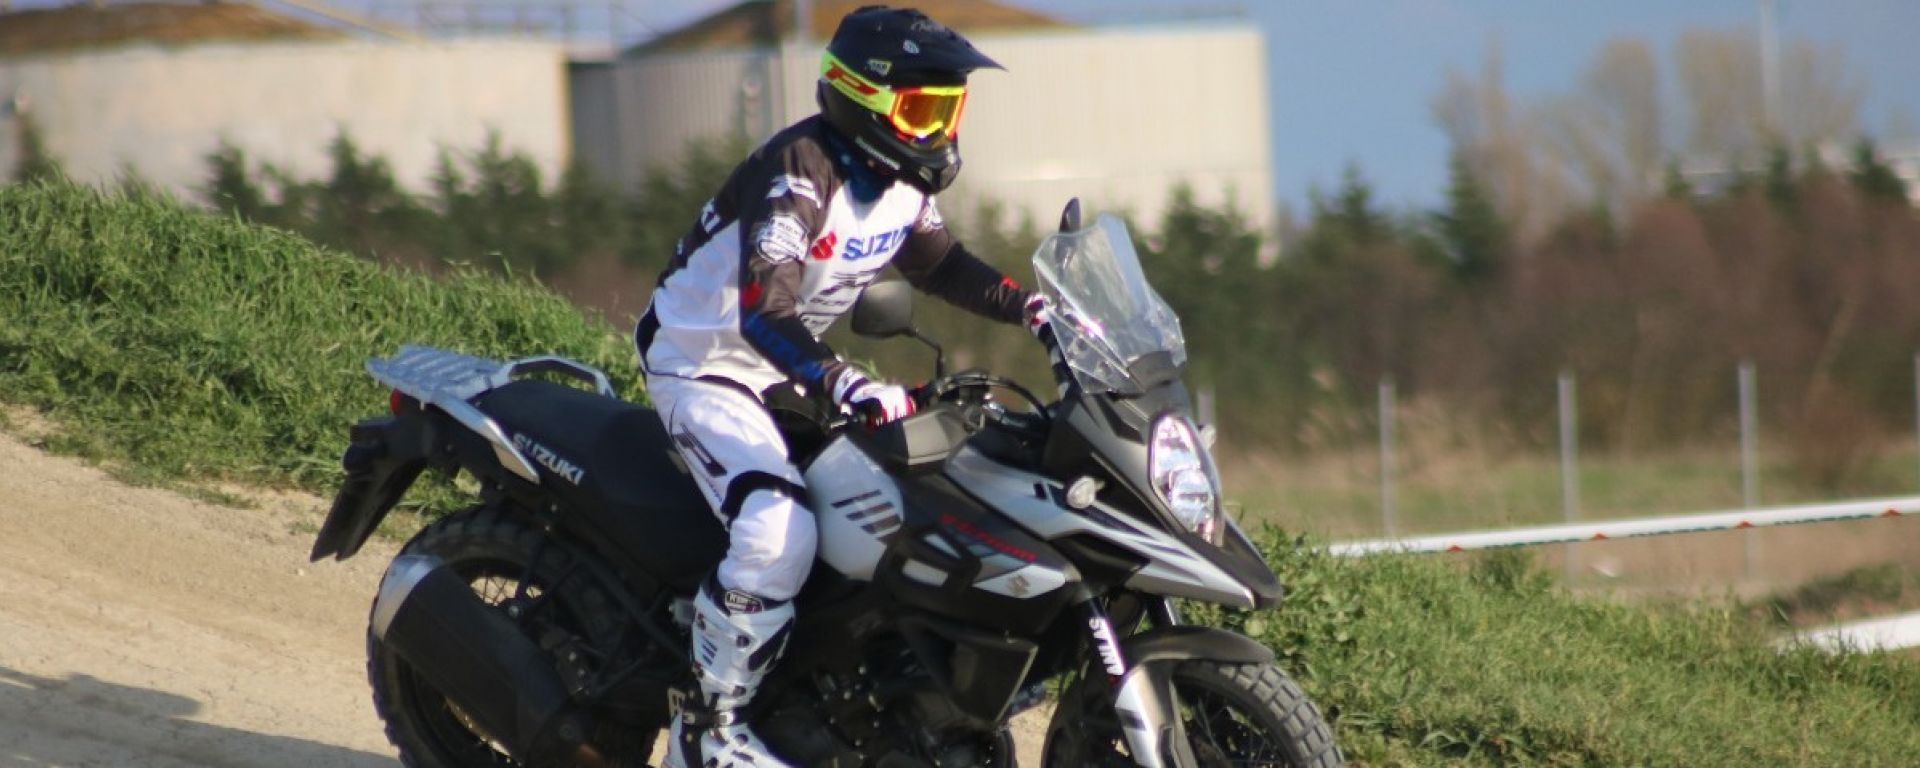 Suzuki Demo Ride Tour 2018